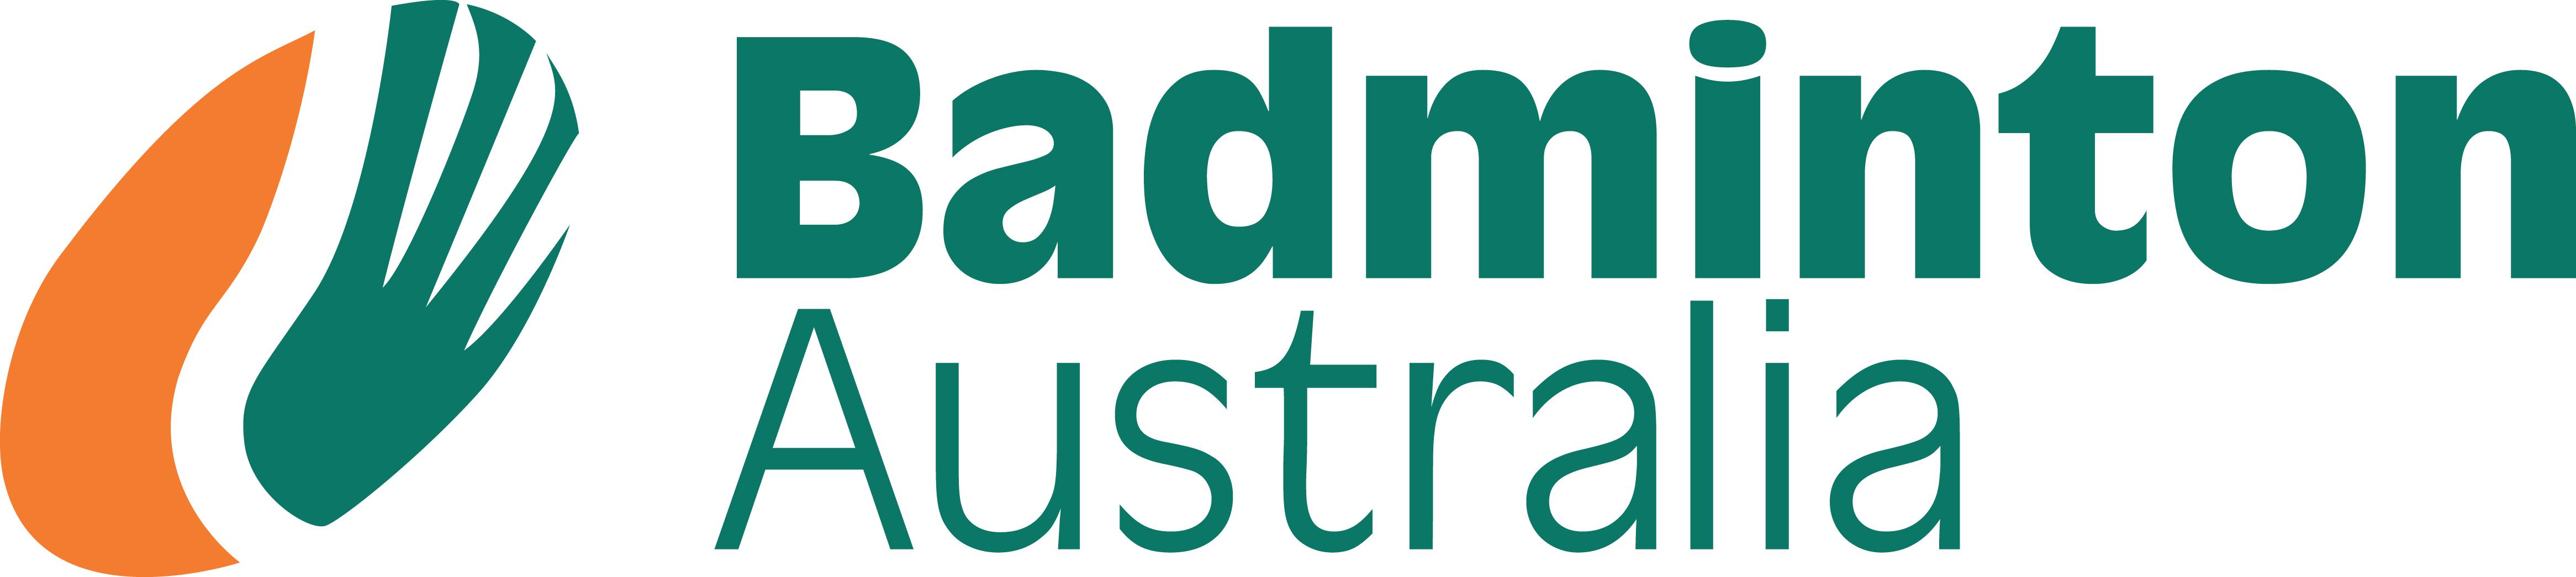 Para Badminton Australia Logo